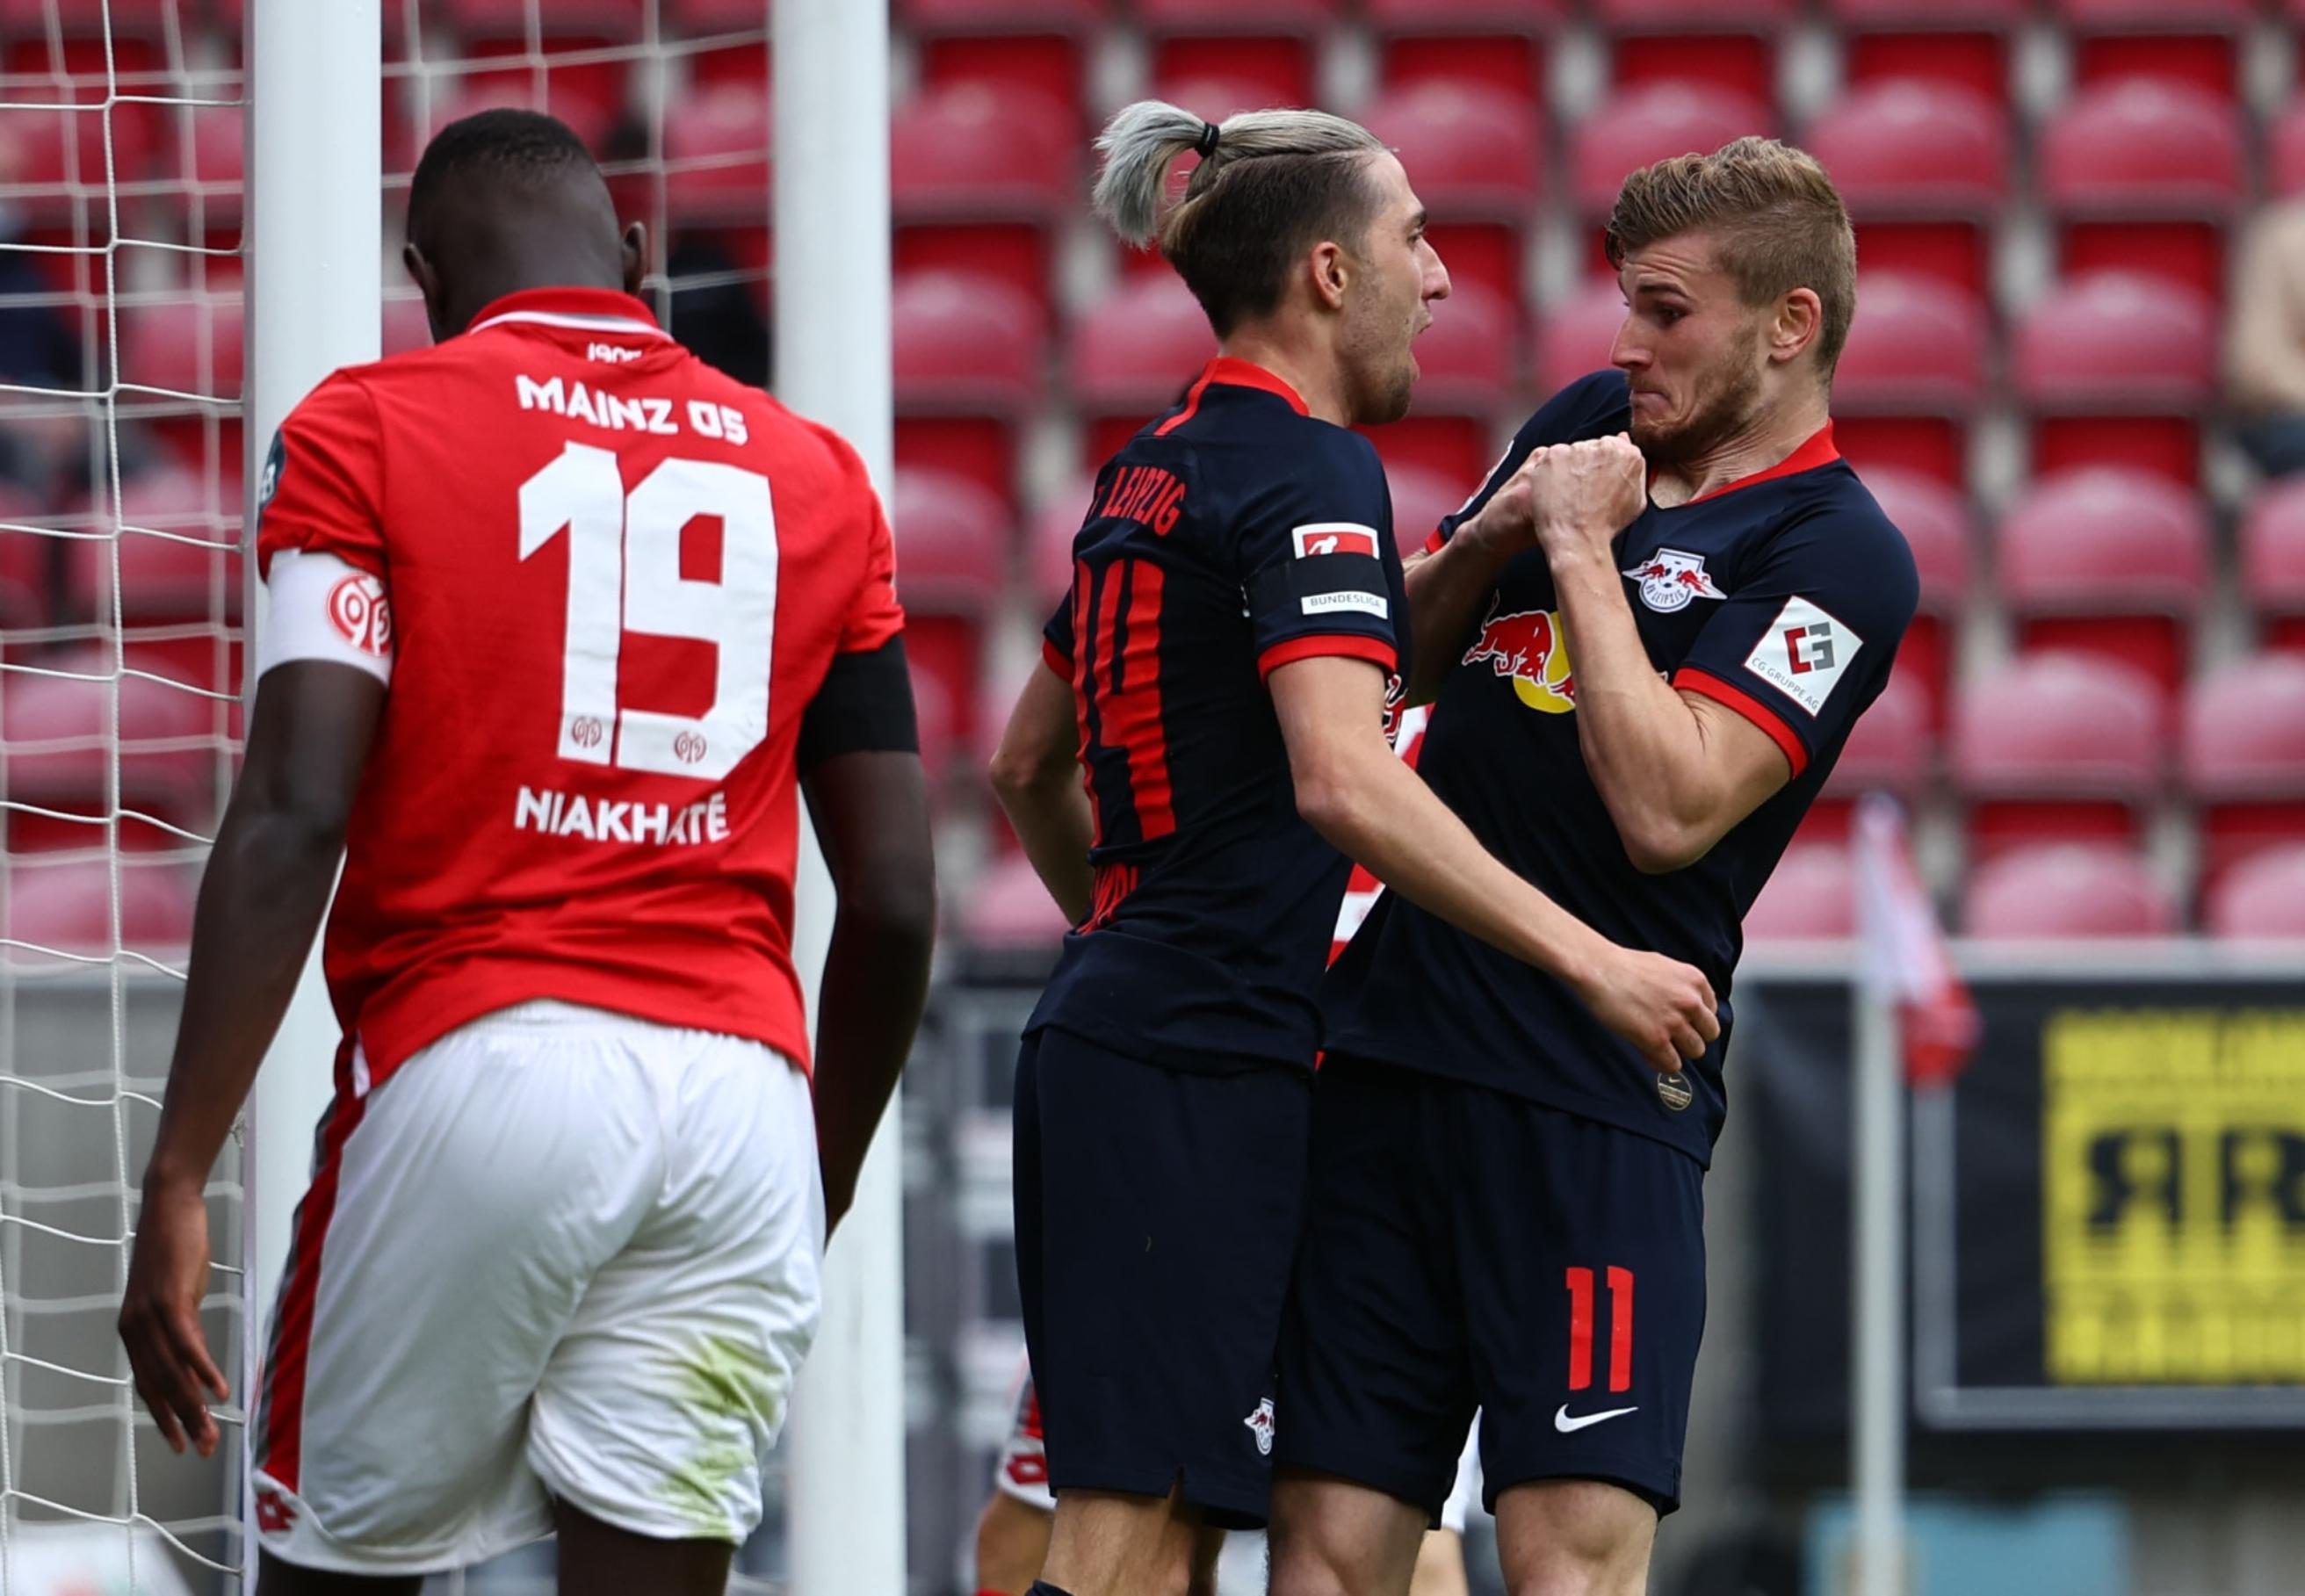 Бундесліга. РБ Лейпциг любить Майнц - 13:0 за сумою двох матчів - изображение 2